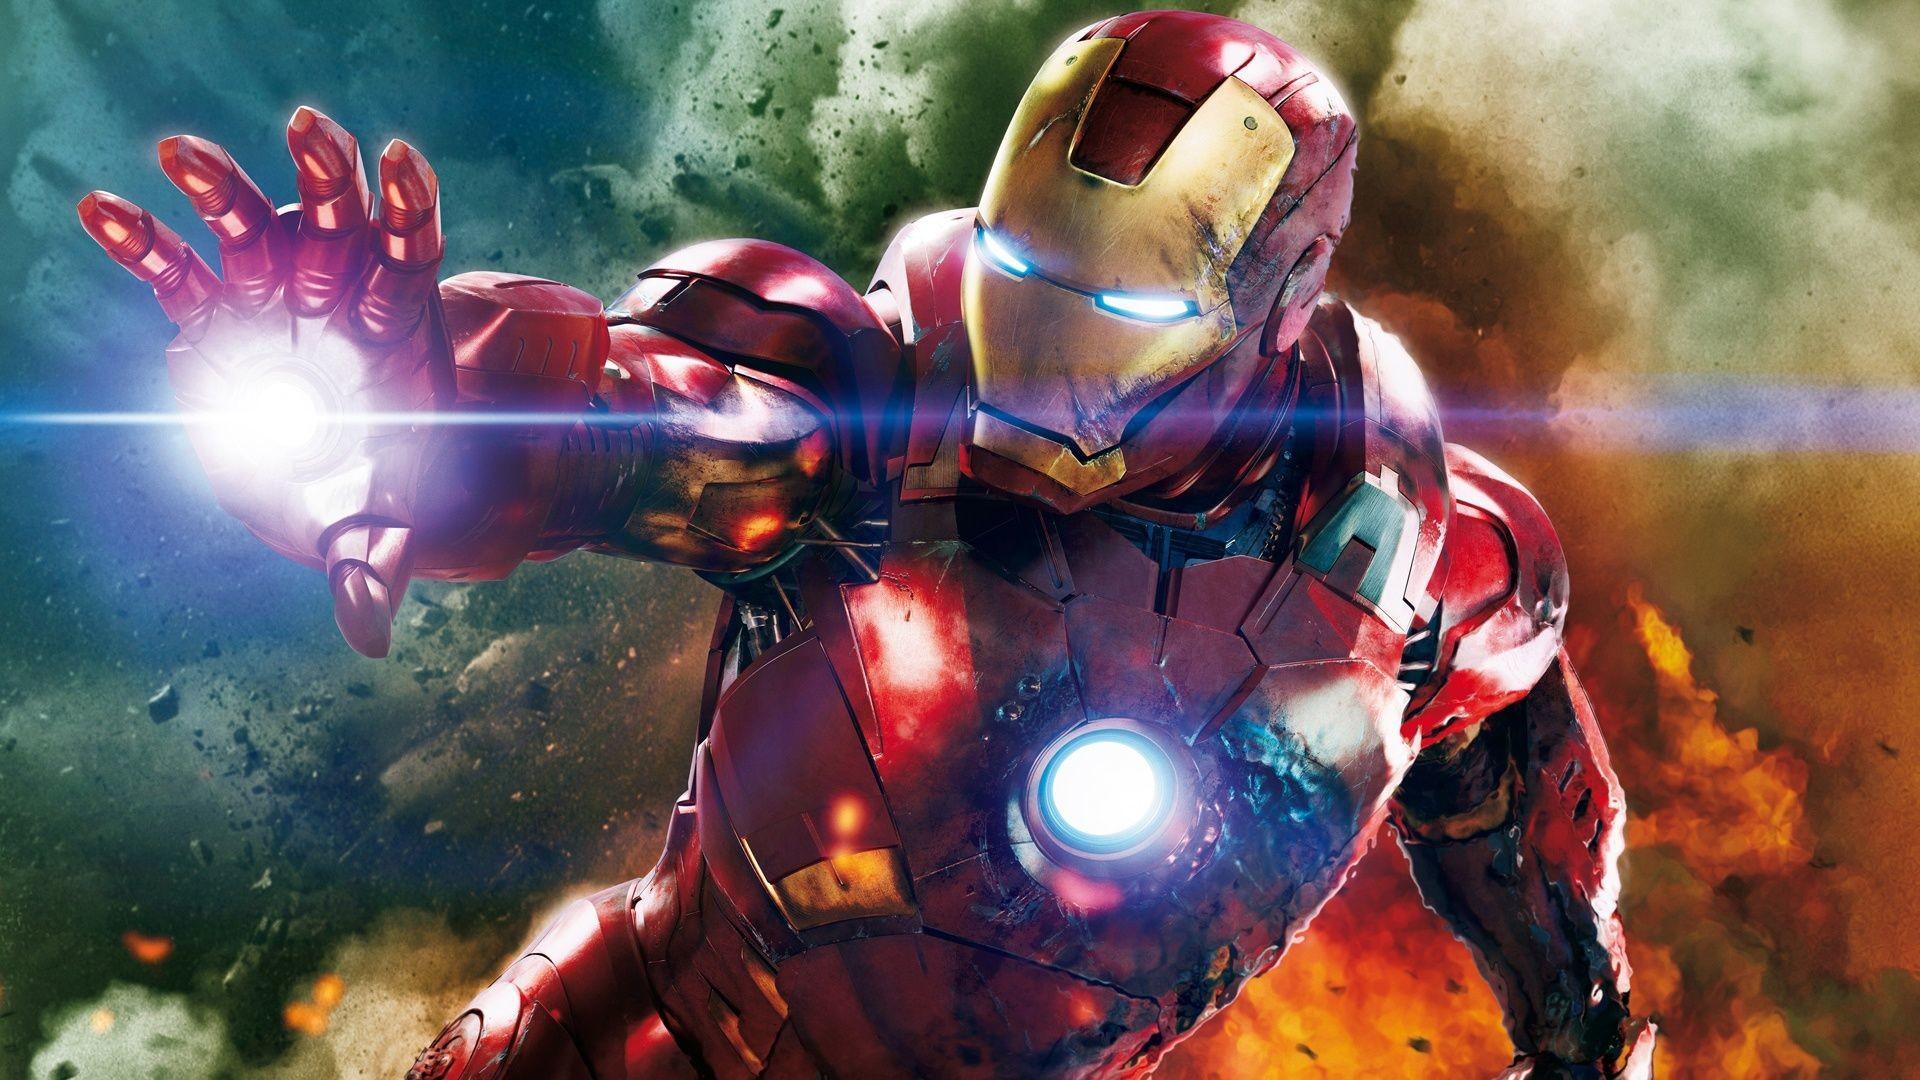 Superhero Wallpaper HD (66+ images)